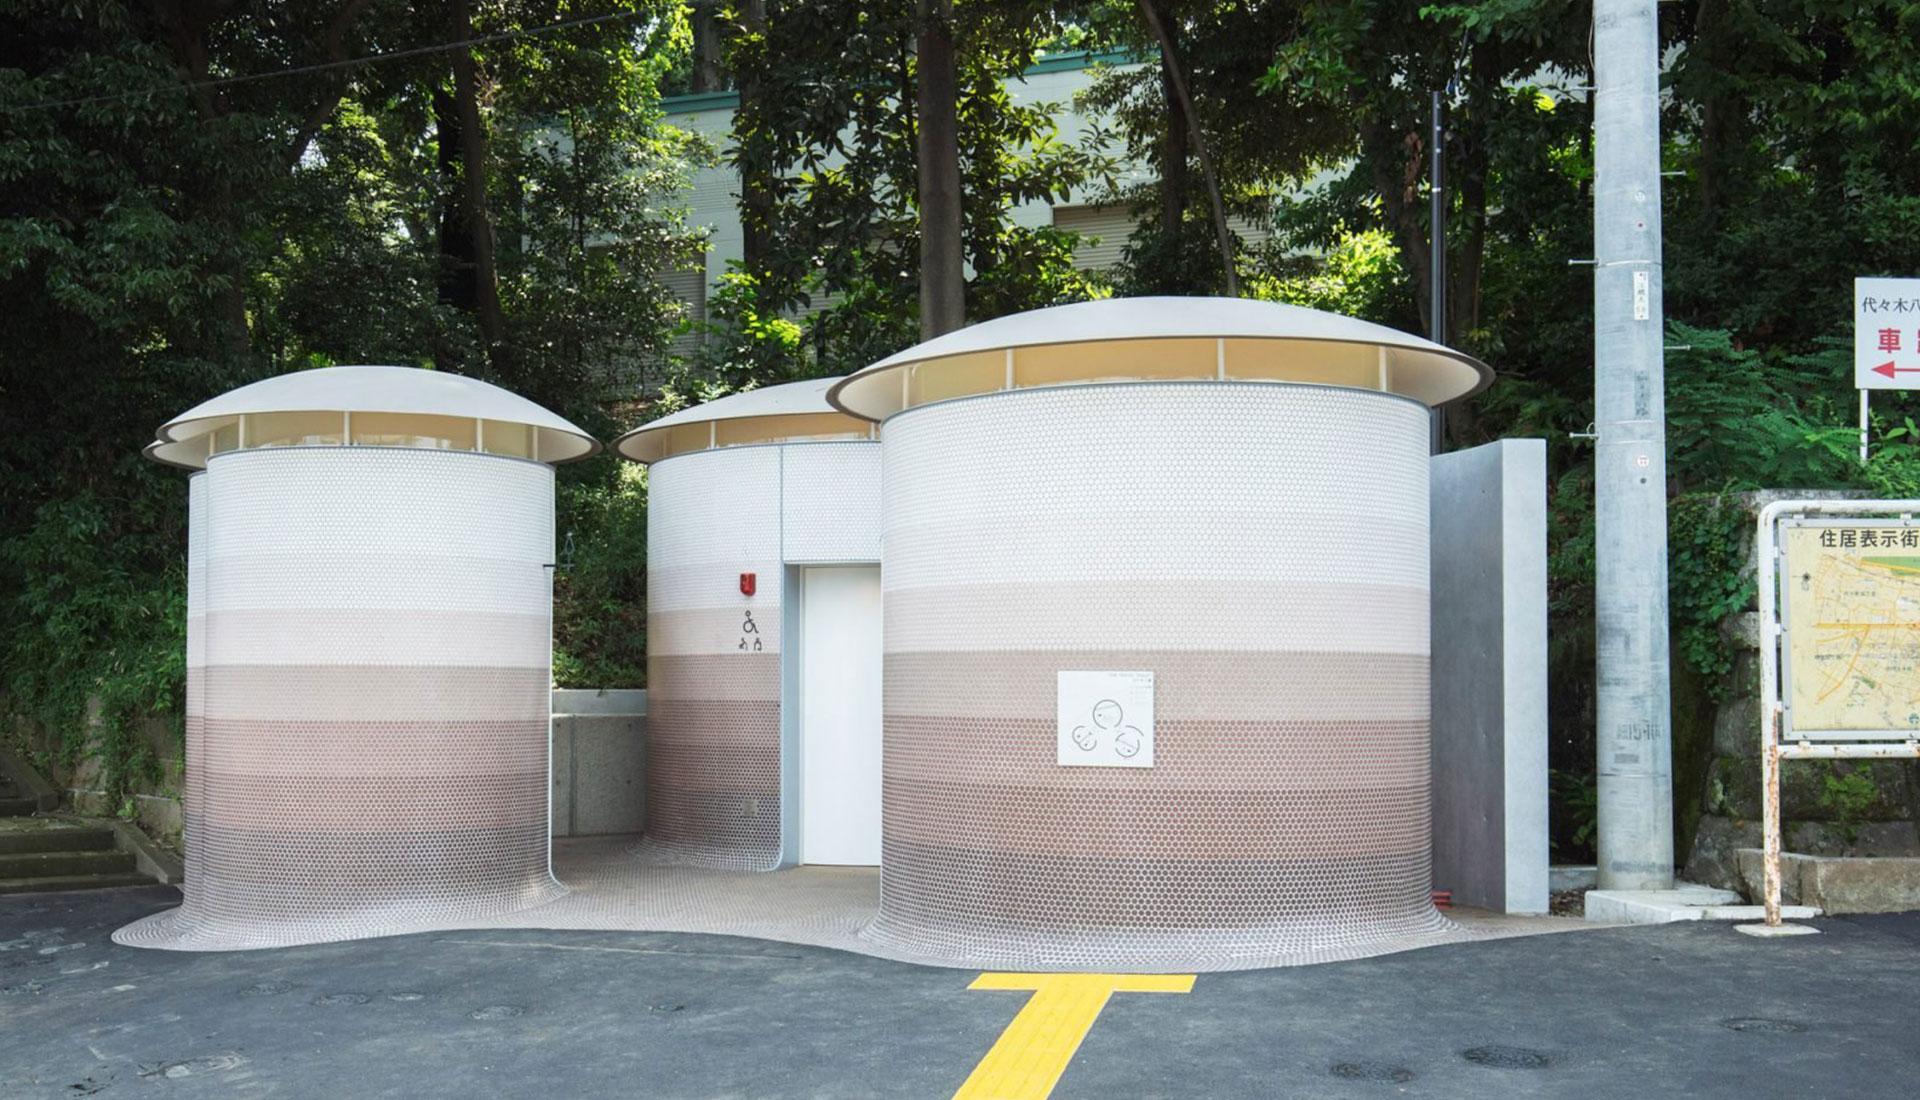 Общественный туалет в Японии фото